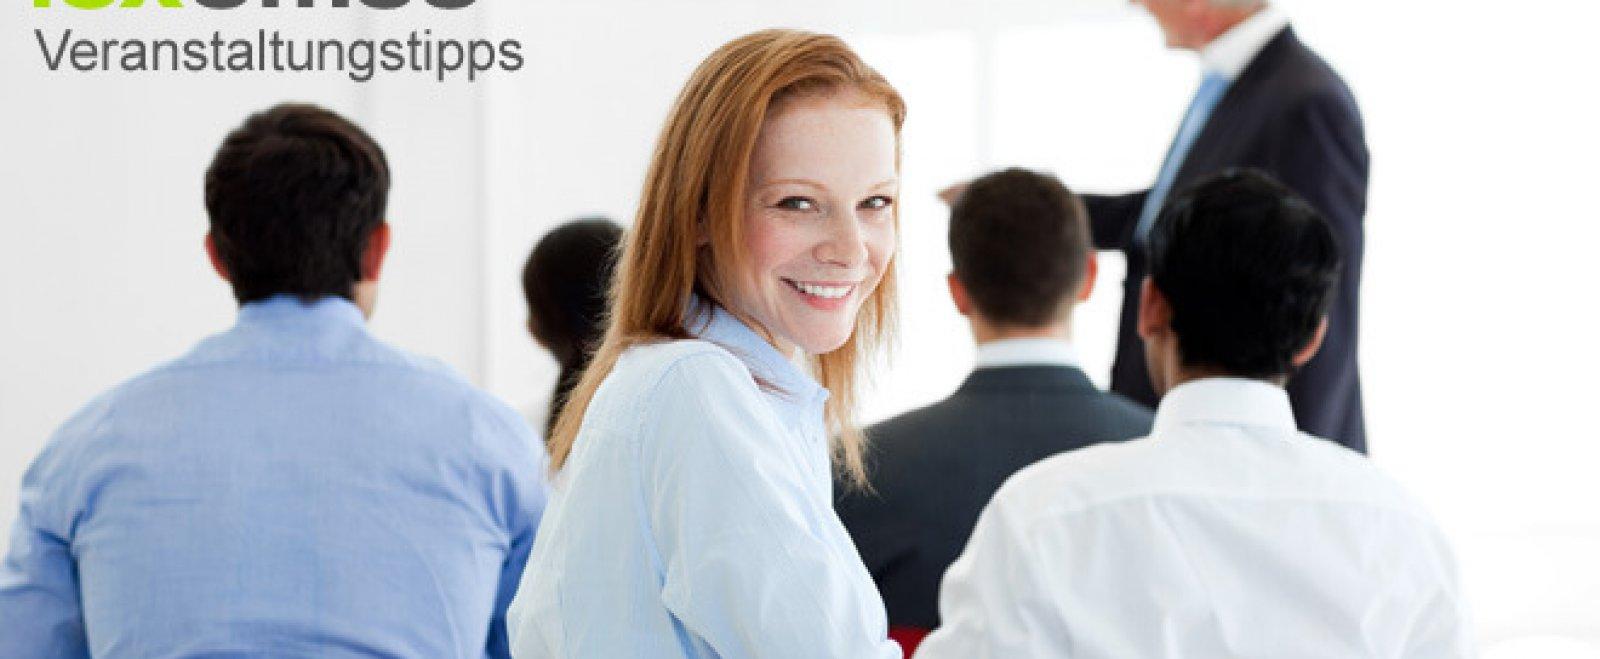 Veranstaltungstipps für Startups, Gründer und Professionals bundesweit für Juli 2015, von Messen bis Existenzgründer-Hilfe